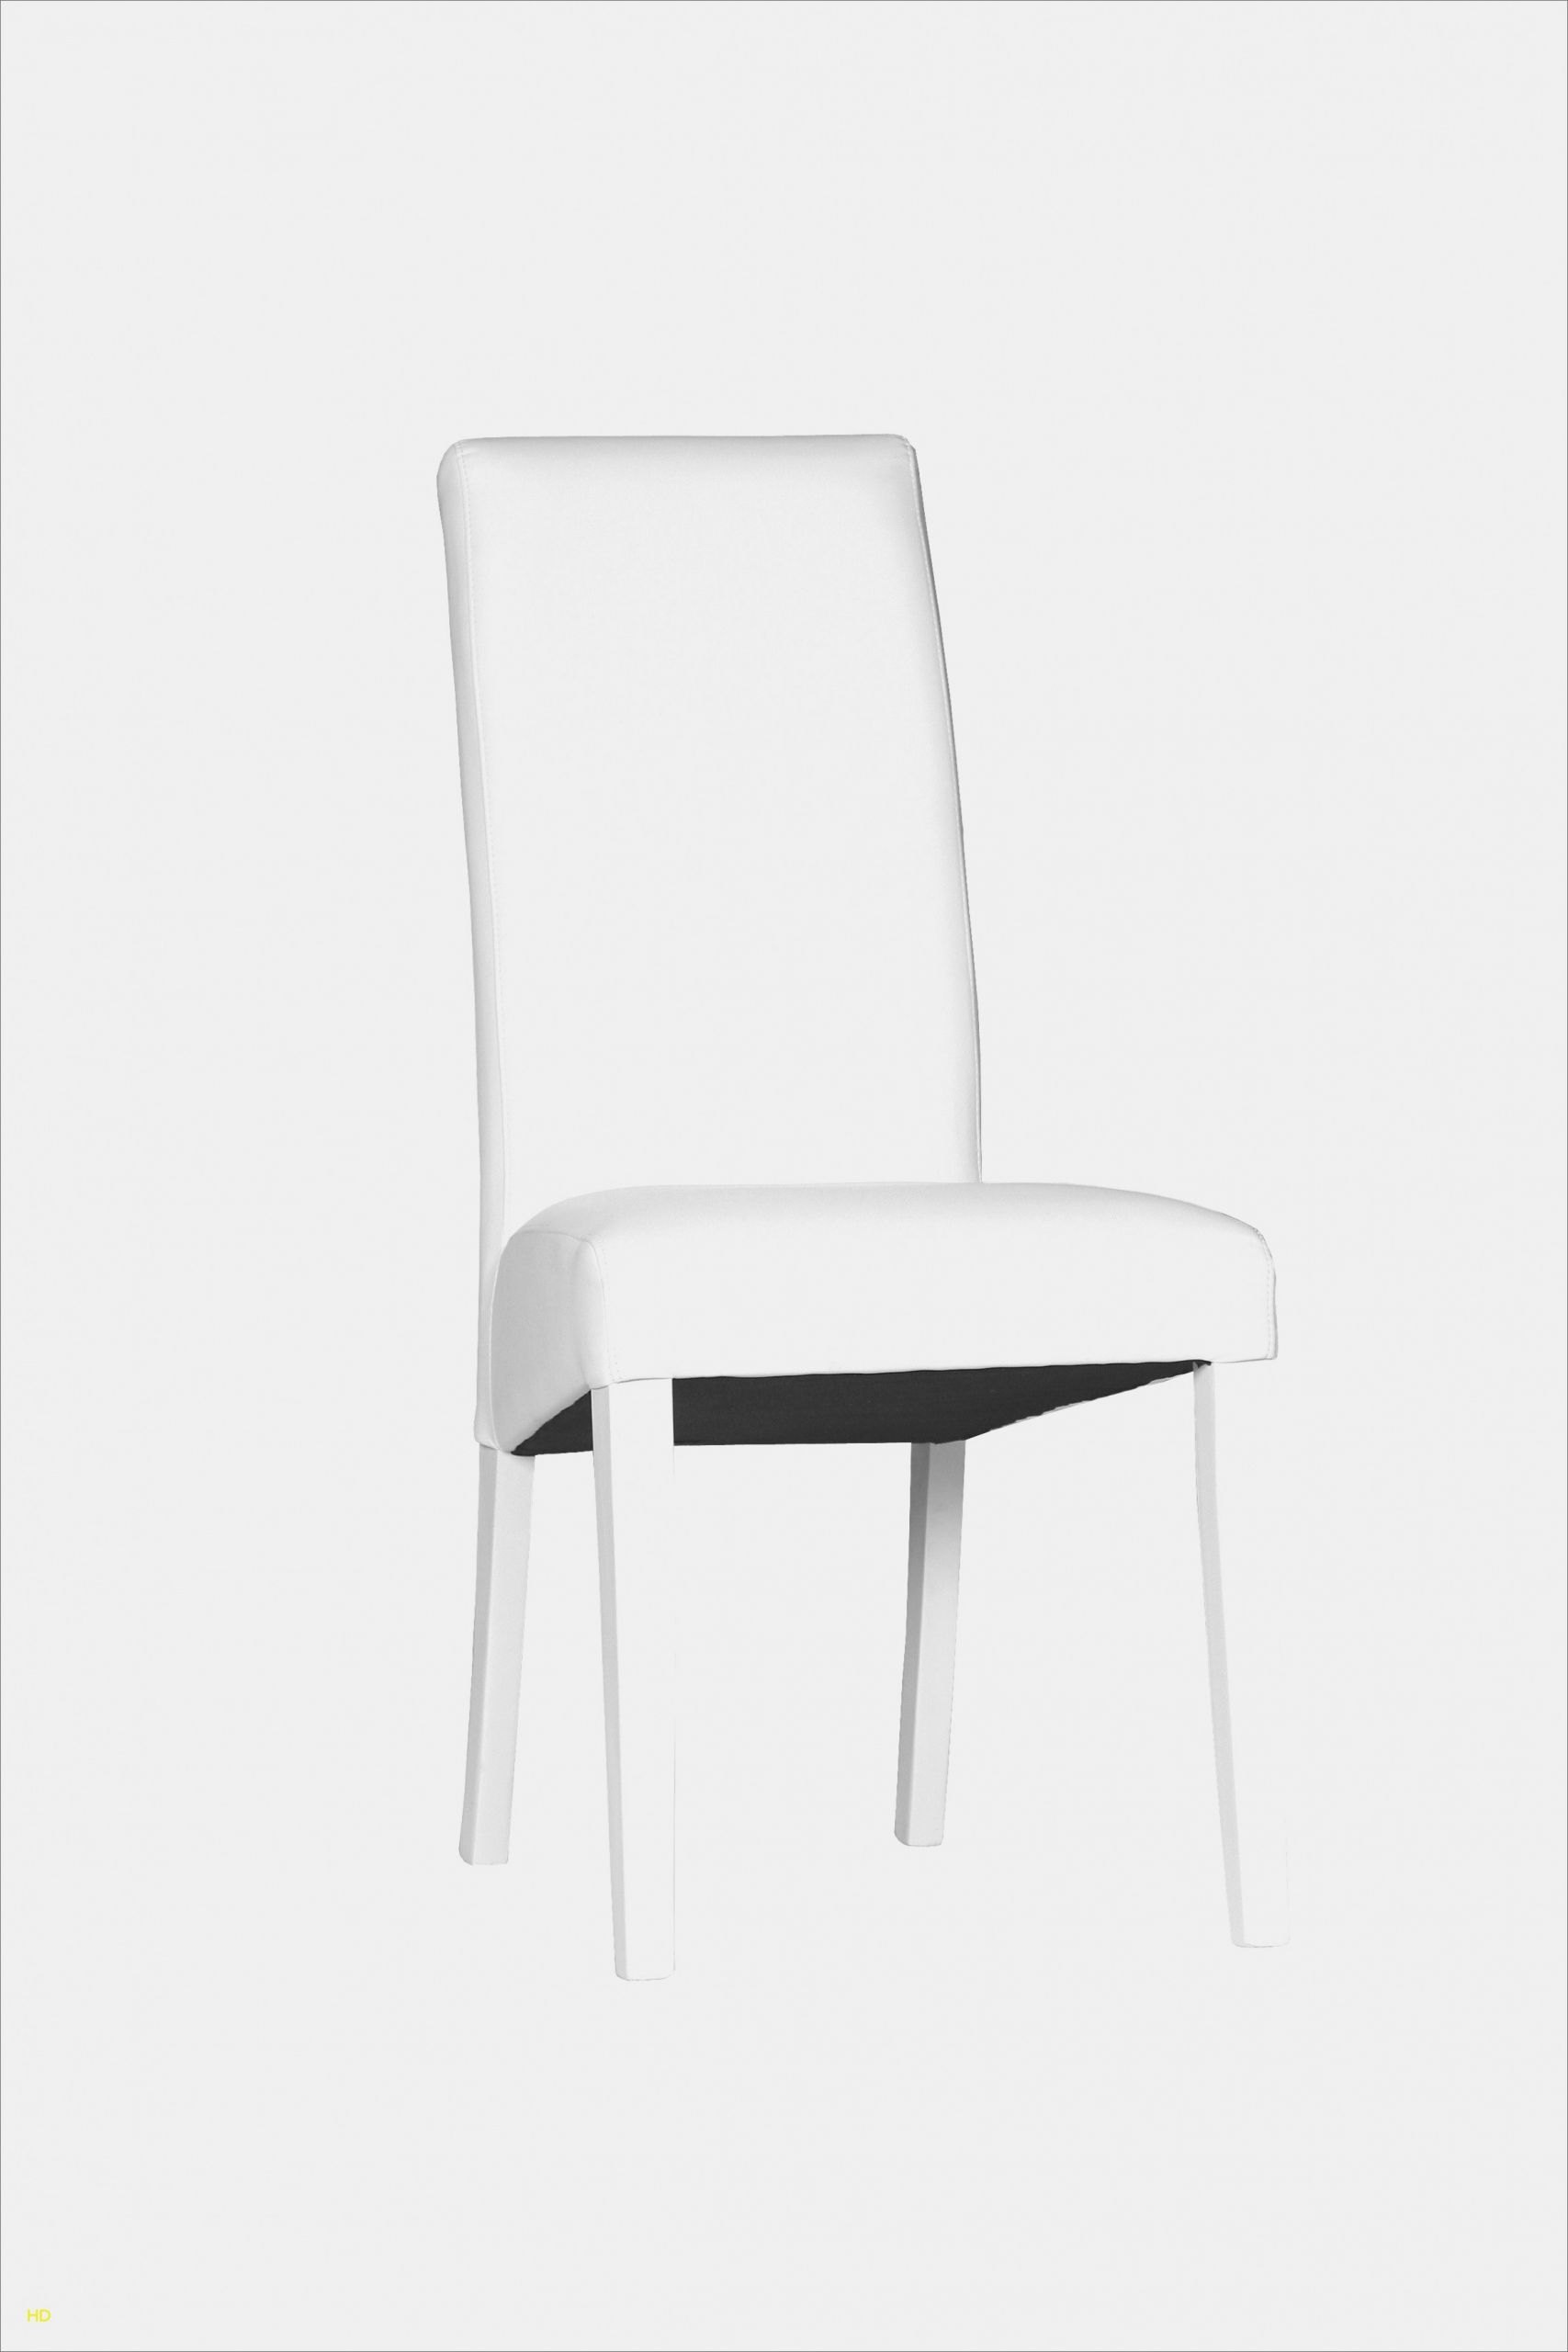 chaise en plexi table basse plexi meubles en plexiglas chaise plexi chaises of chaise en plexi